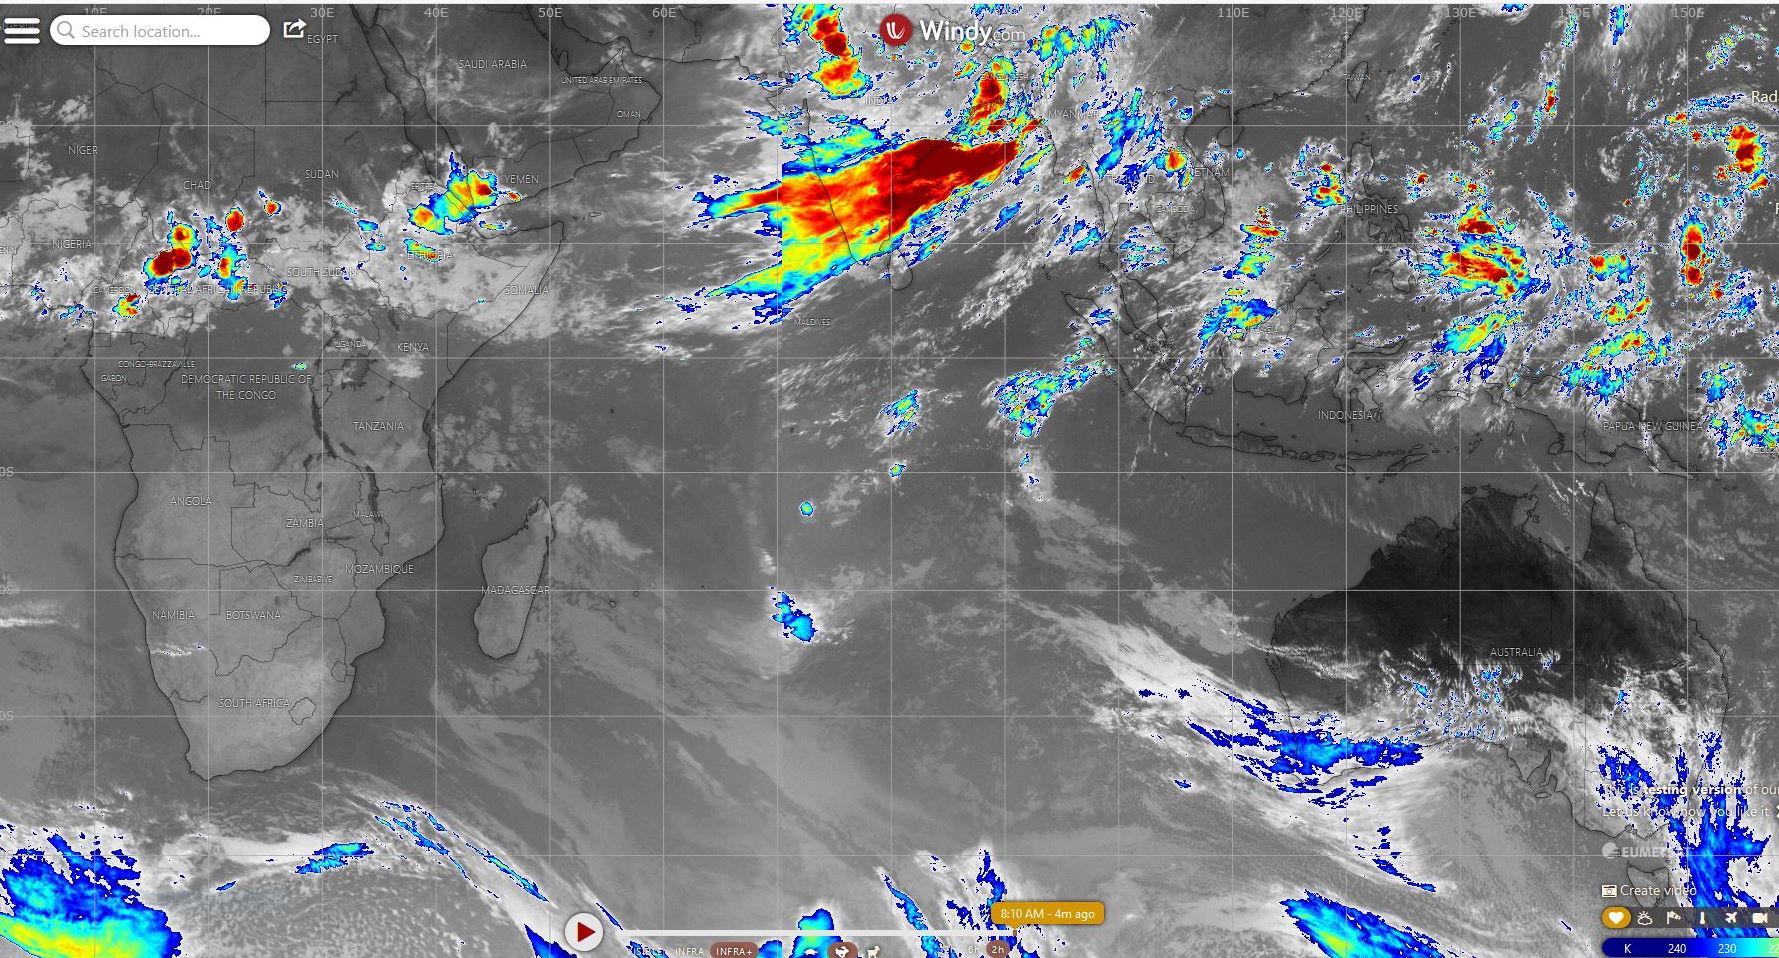 Satellites à 8heures. Composite de l'Océan Indien et du Pacifique. La mousson est active sur la péninsule indienne.